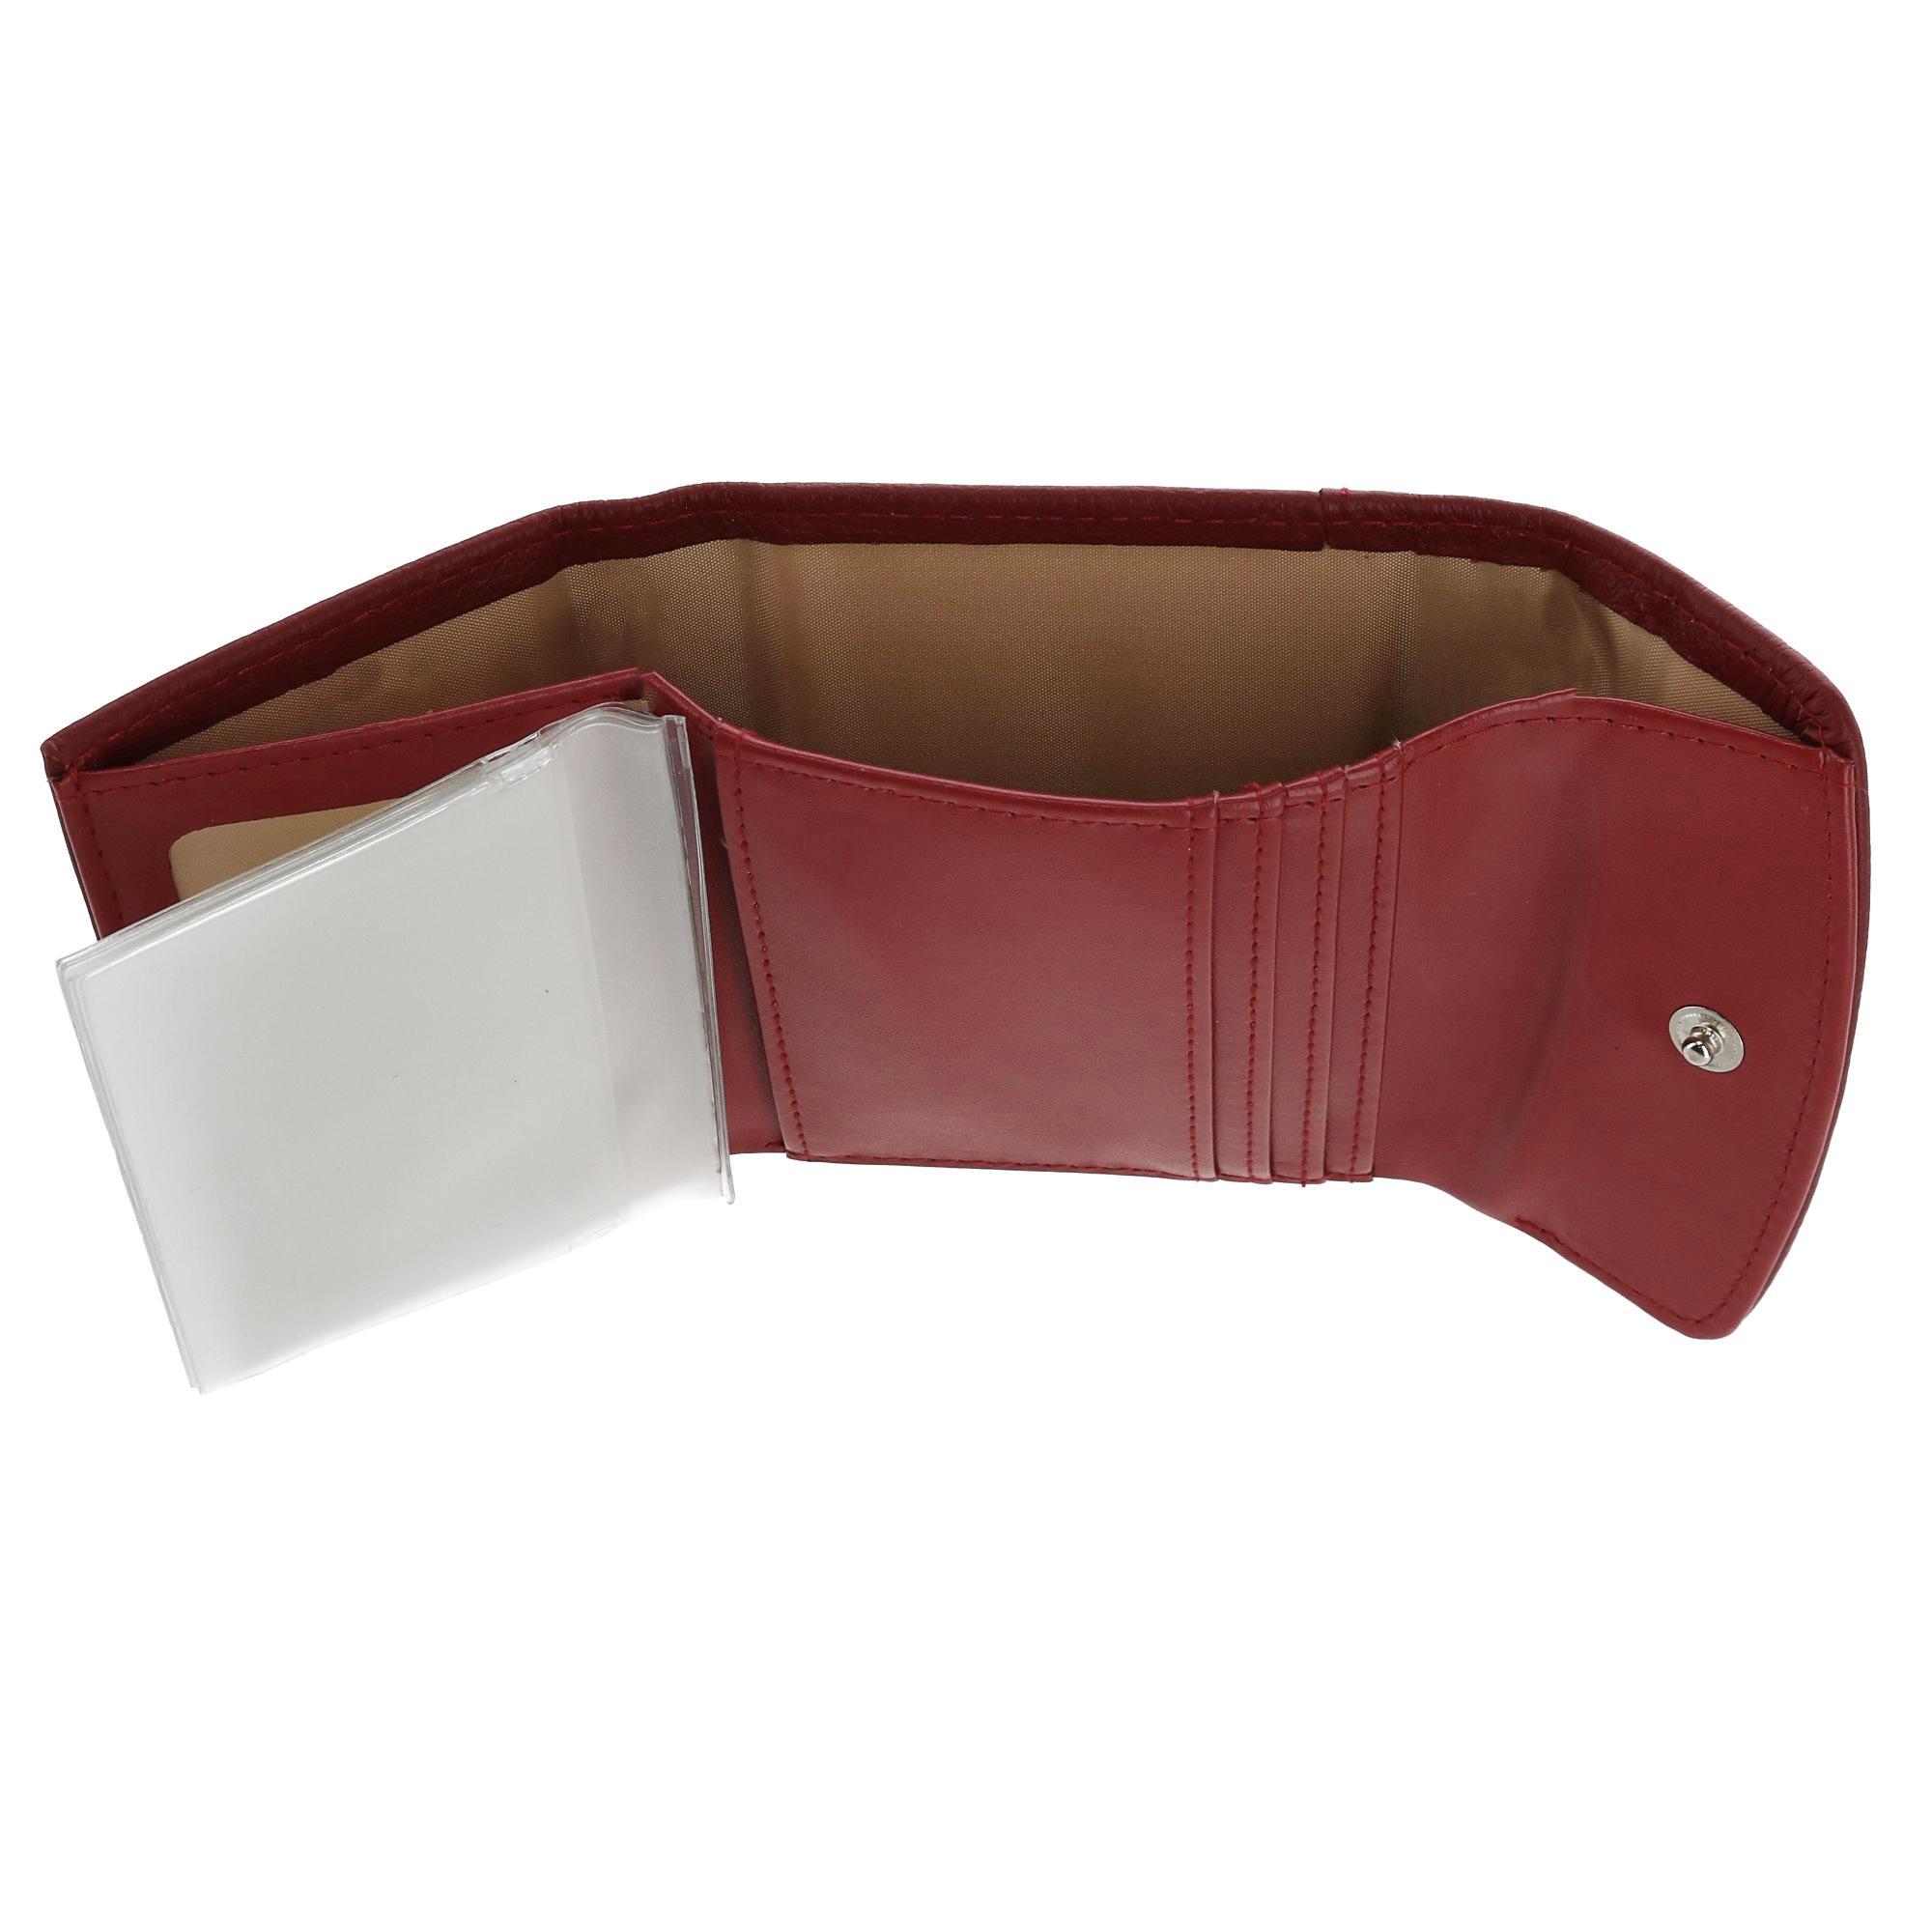 New-Buxton-Women-039-s-Leather-Mini-Tri-Fold-Wallet thumbnail 16